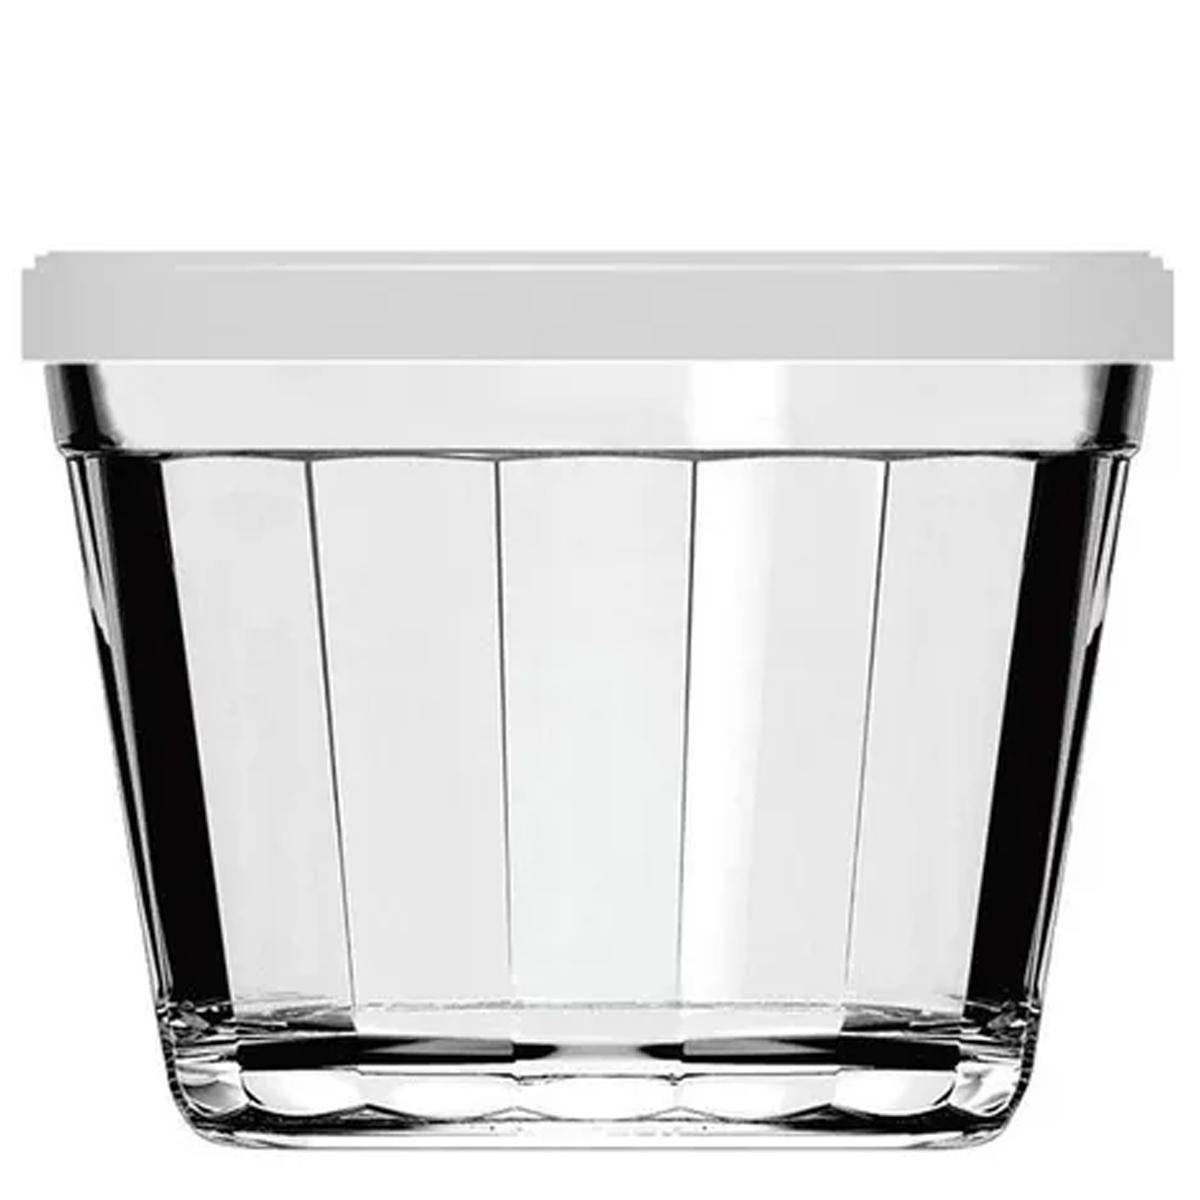 Tigela de vidro 350ml estilo Americano com tampa Branca